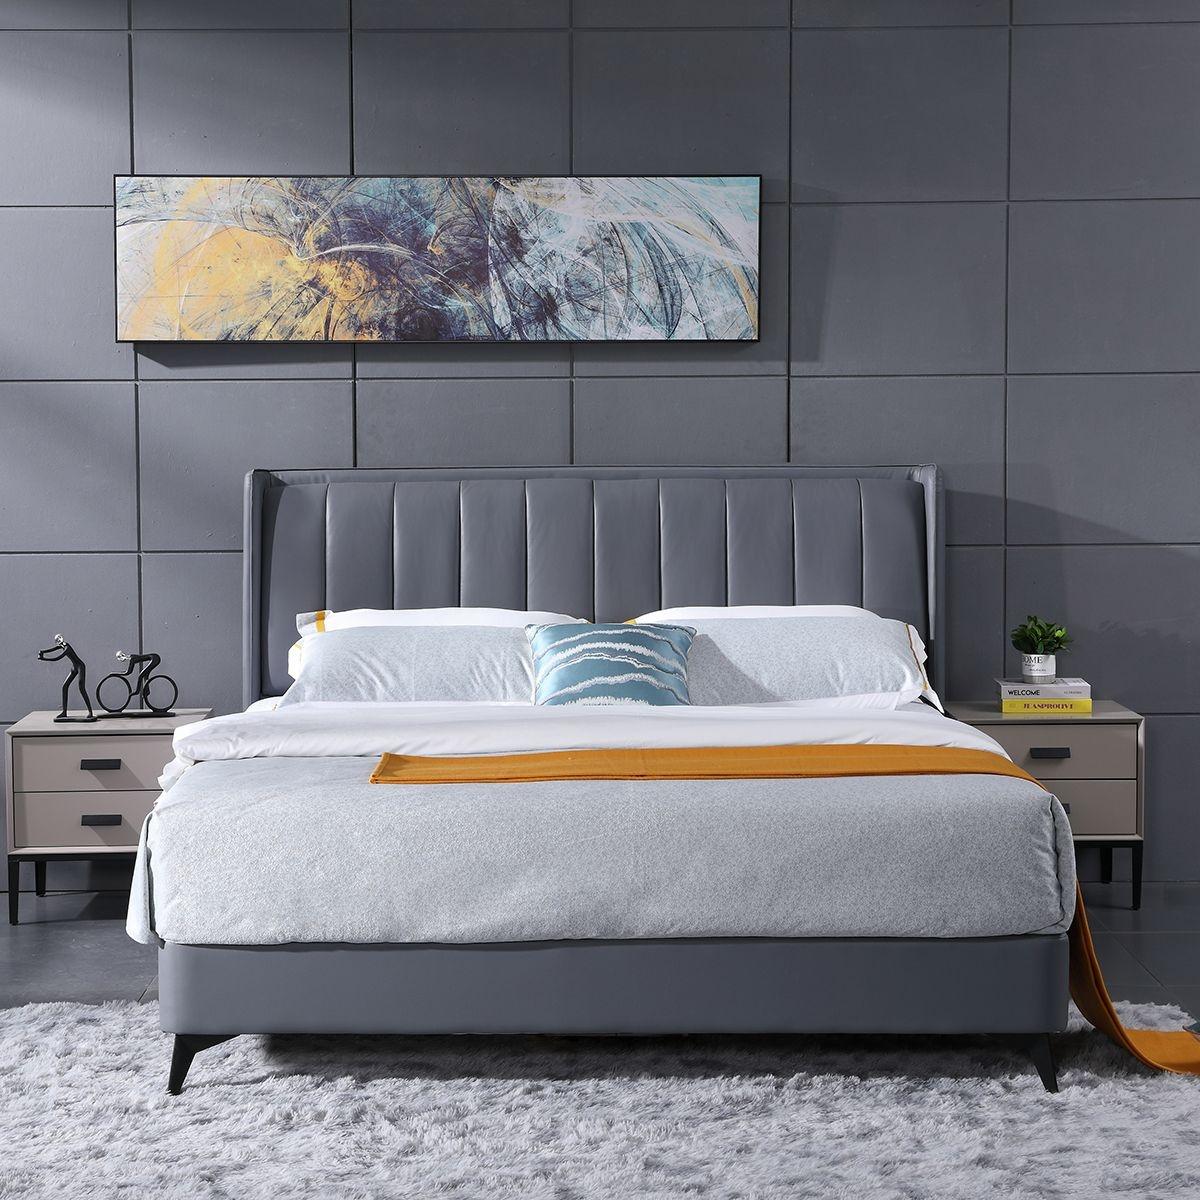 【罗富帝斯】结构坚固实木框架 高档舒适纳帕真牛皮北欧风格 灰色大床